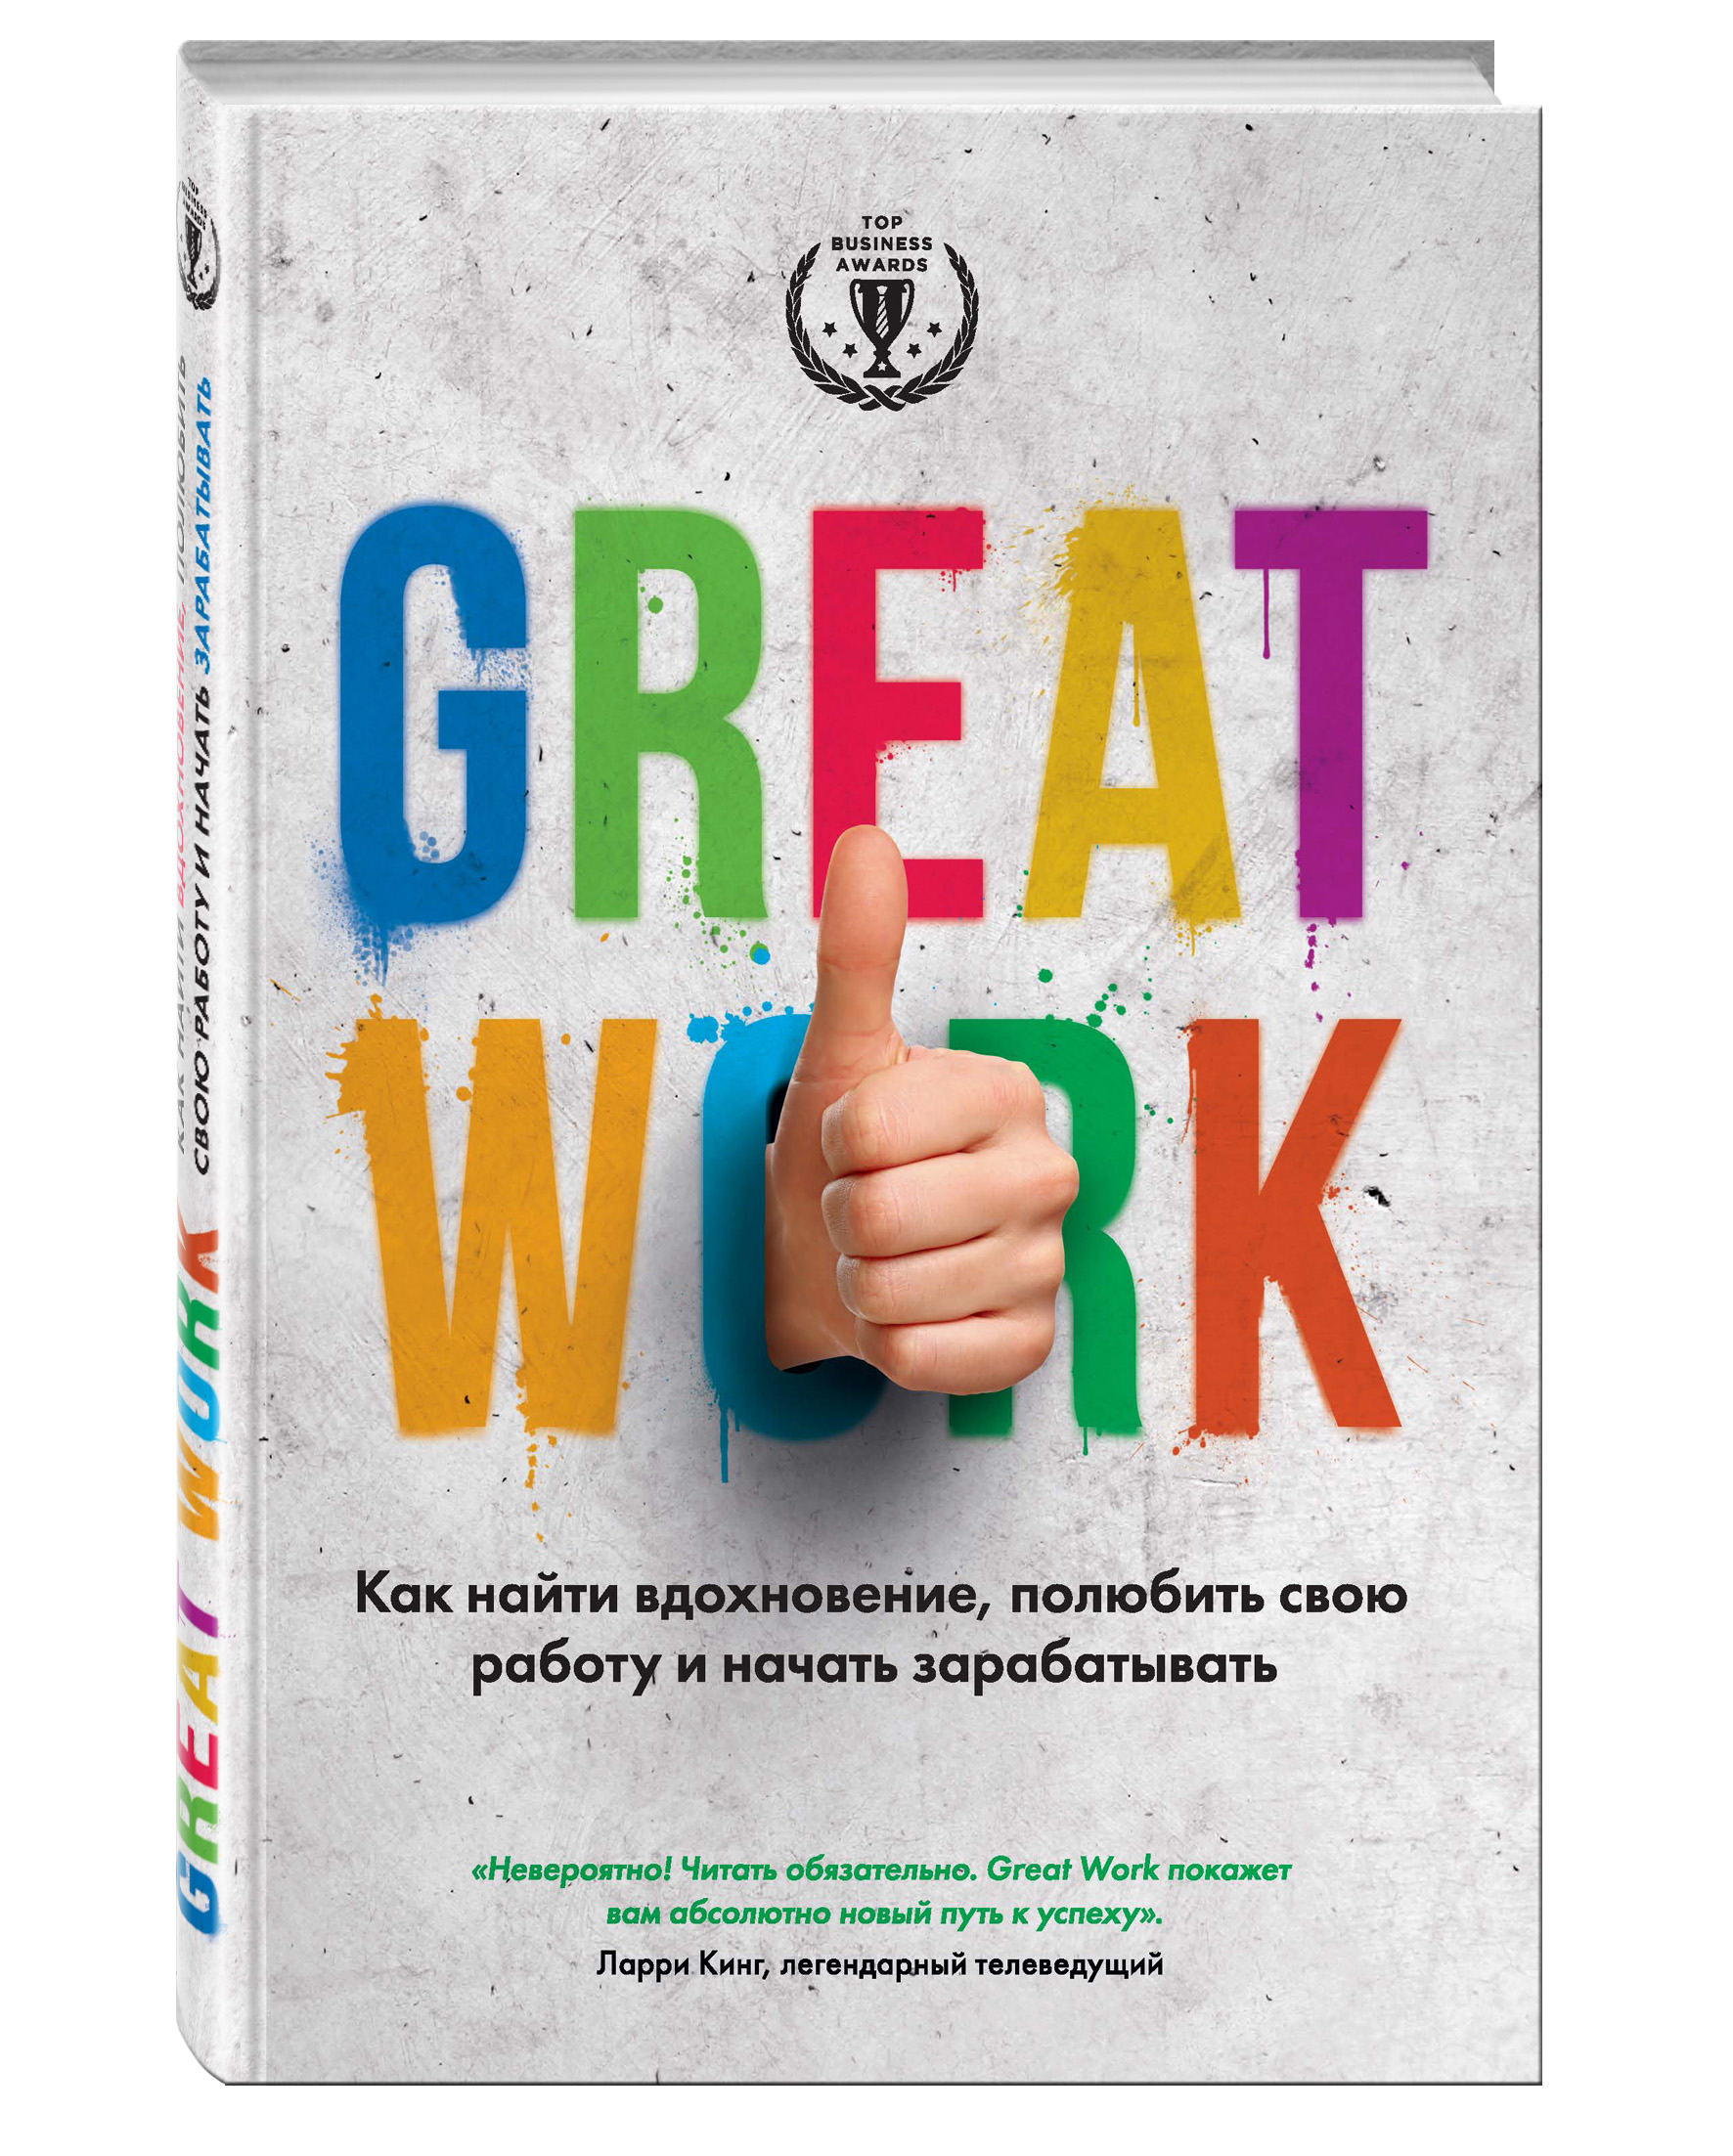 Great work. Как найти вдохновение, полюбить свою работу и начать зарабатывать, Стёрт Д., ISBN 9785699710423, Издательство Эксмо ООО, 2015, Top Business Awards , 978-5-6997-1042-3, 978-5-699-71042-3, 978-5-69-971042-3 - купить со скидкой